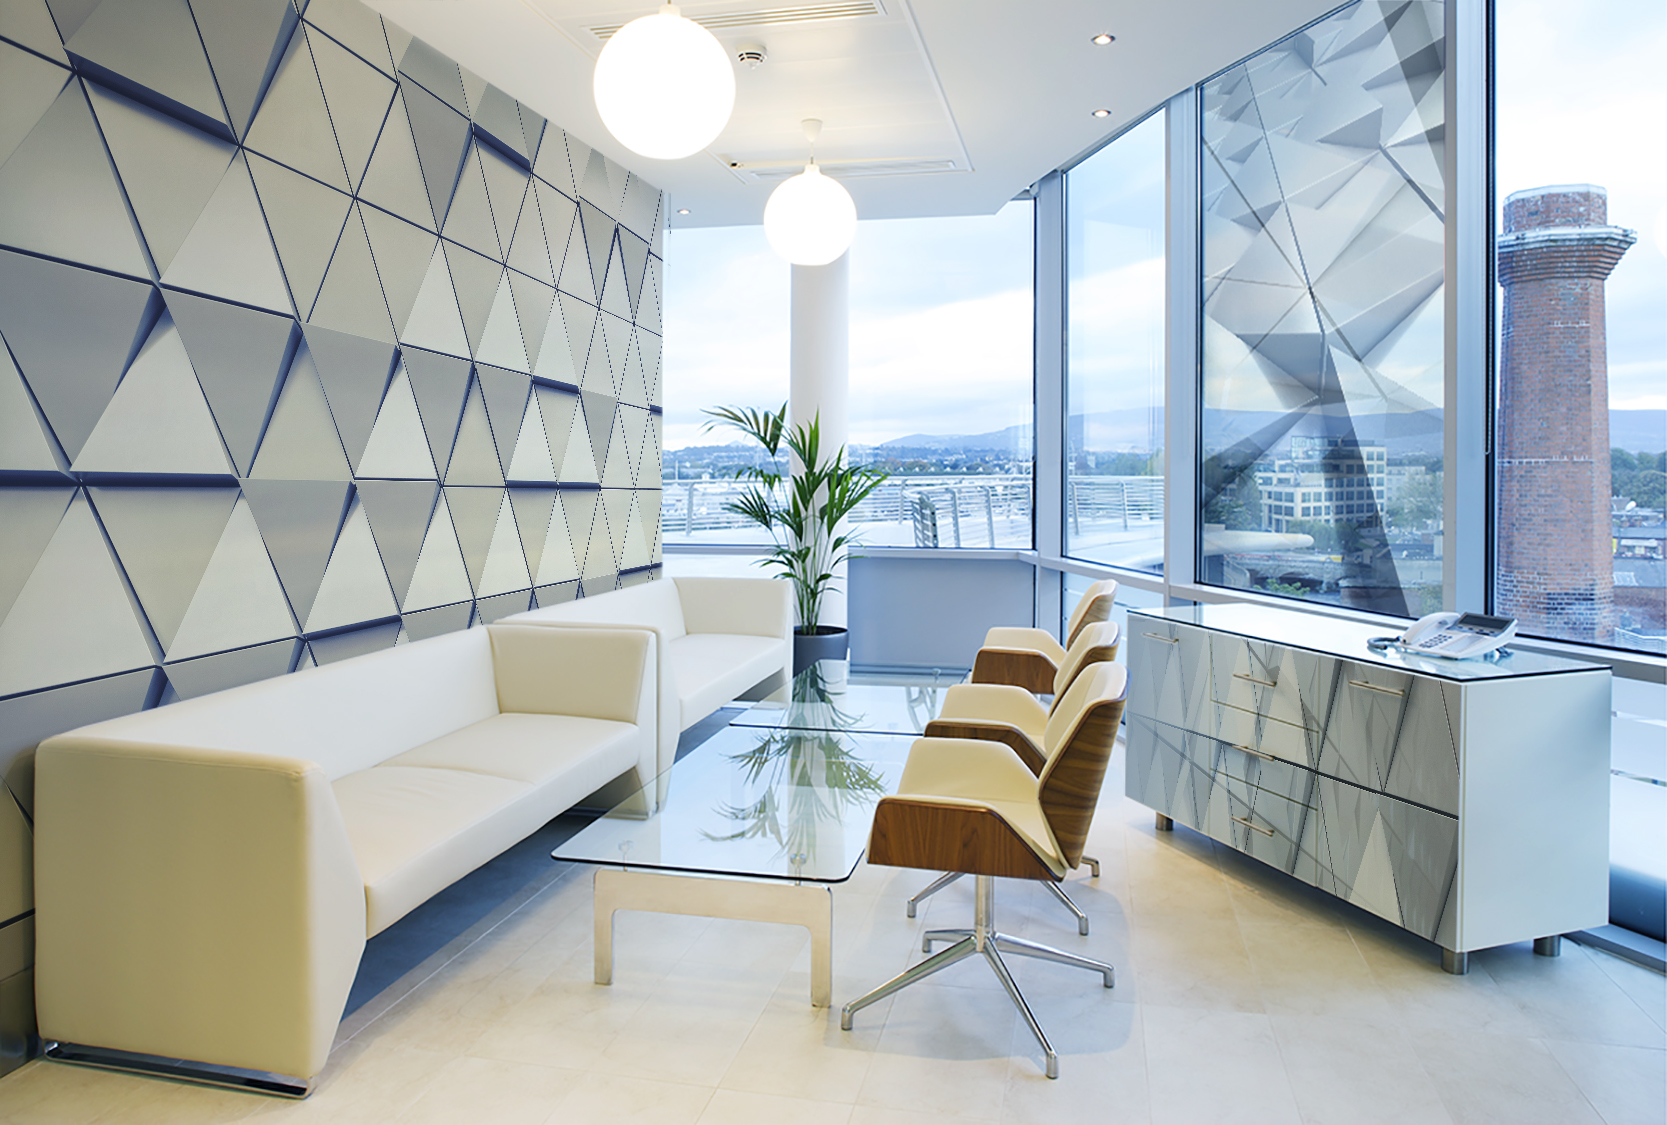 Triangoli tridimensionali futuristico per soggiorno for Parati tridimensionali